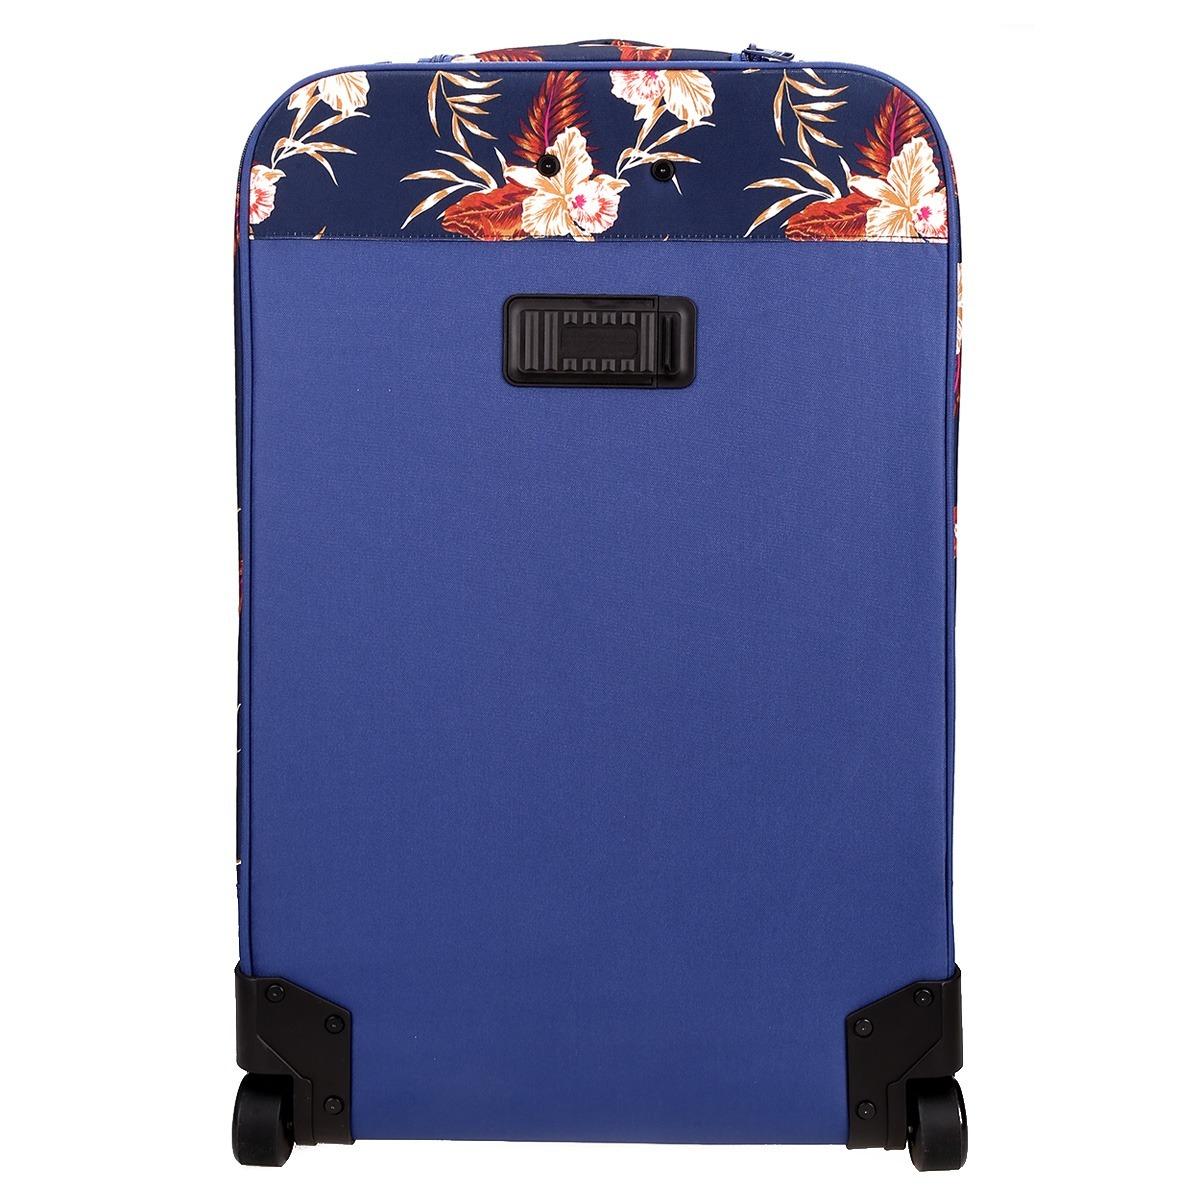 bef304411 Valija 20 Cabina Avion // Roxy Roll Up 20 - $ 3.590,00 en Mercado Libre